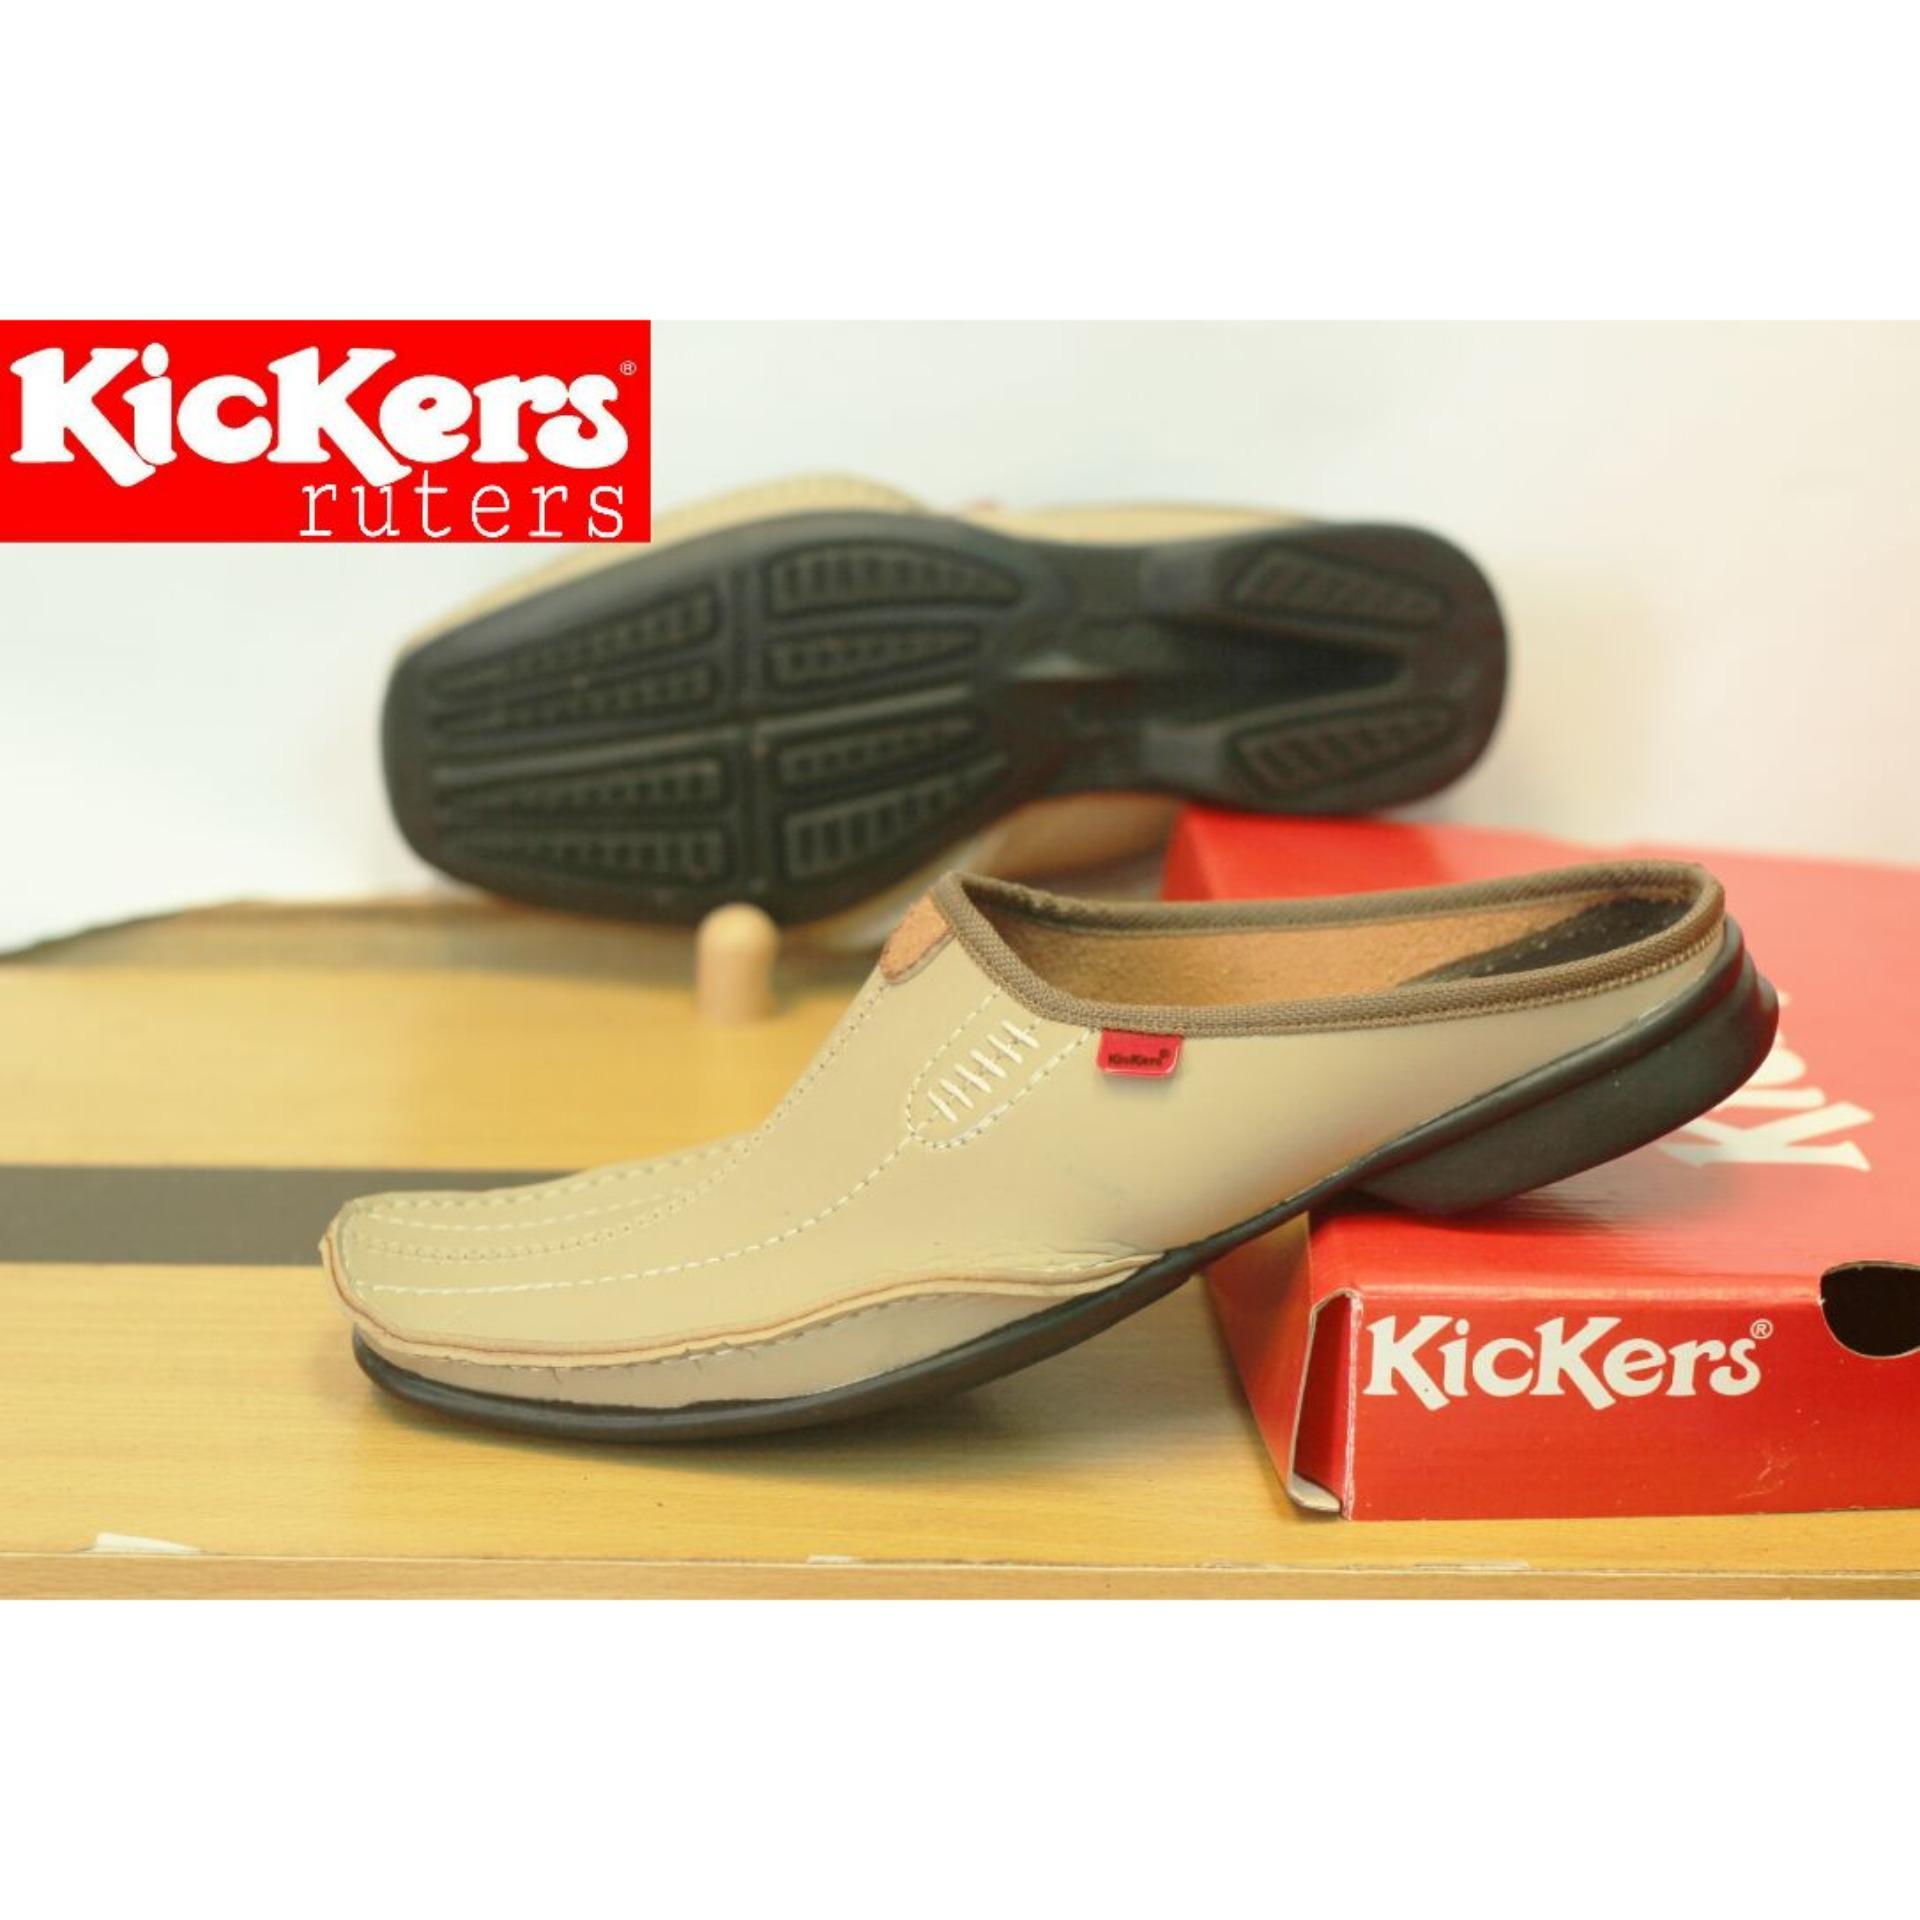 Sepatu Sandal Kickers Bustong Ruters Kulit Sintetis Premium - Sepatu Sandal Pantofel Pria Kickers - Sandal Pria Slop